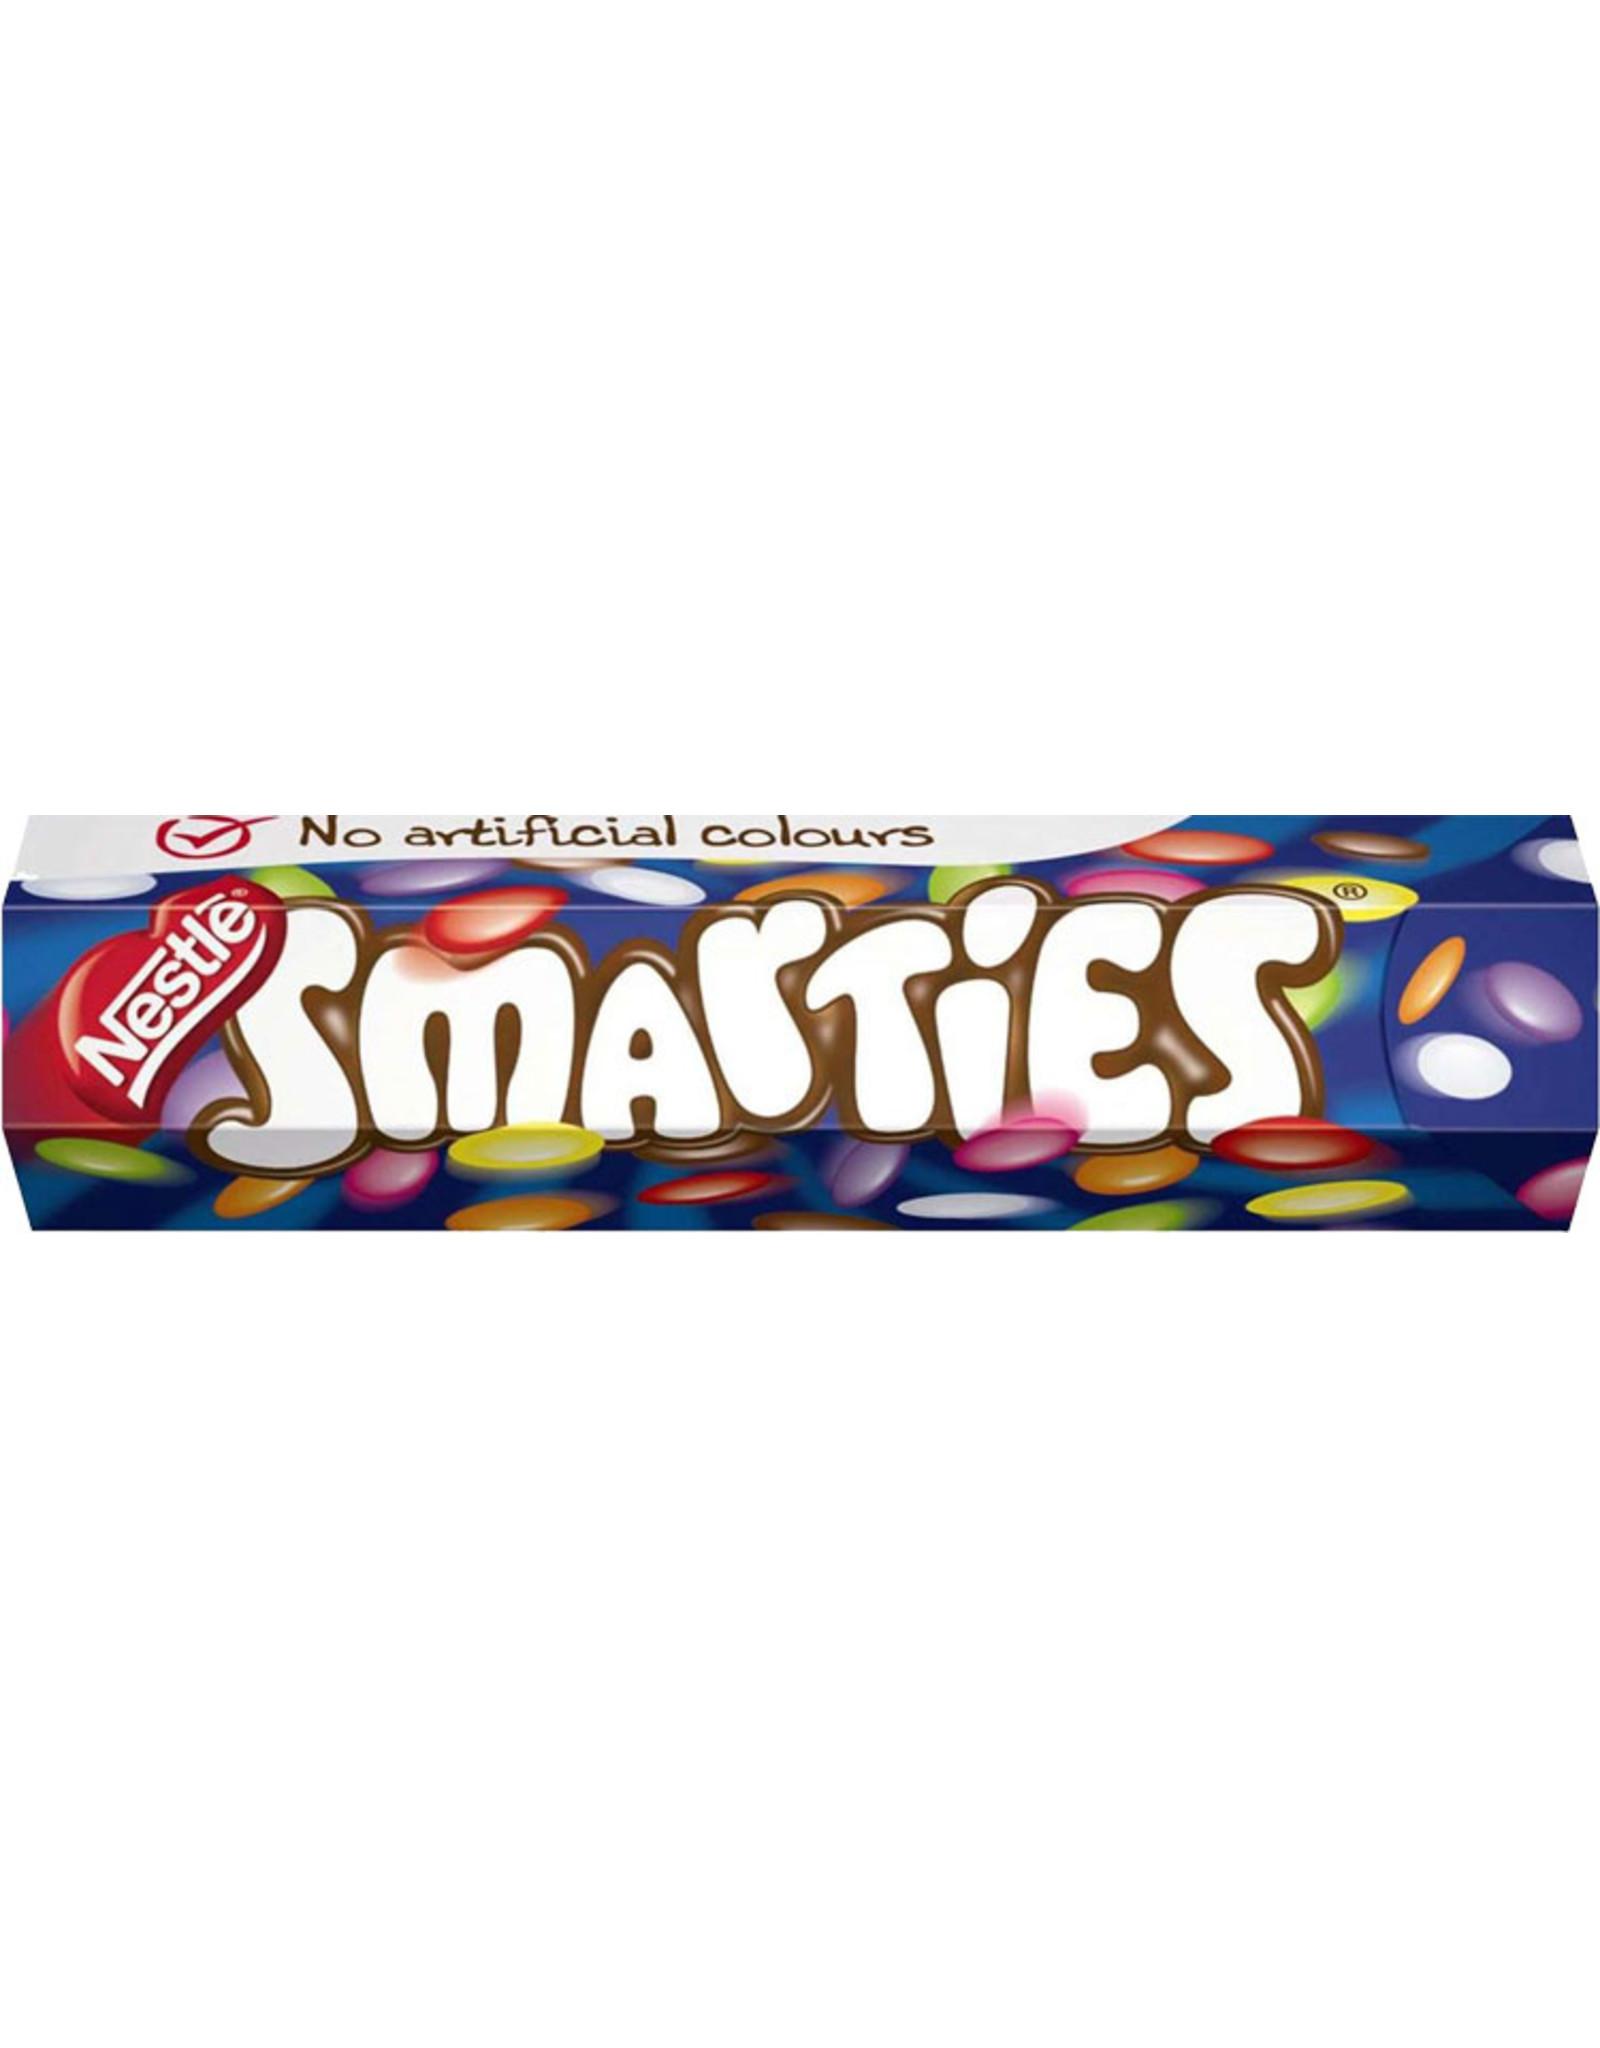 Nestle Smarties Hexatube 40g (1.4oz)